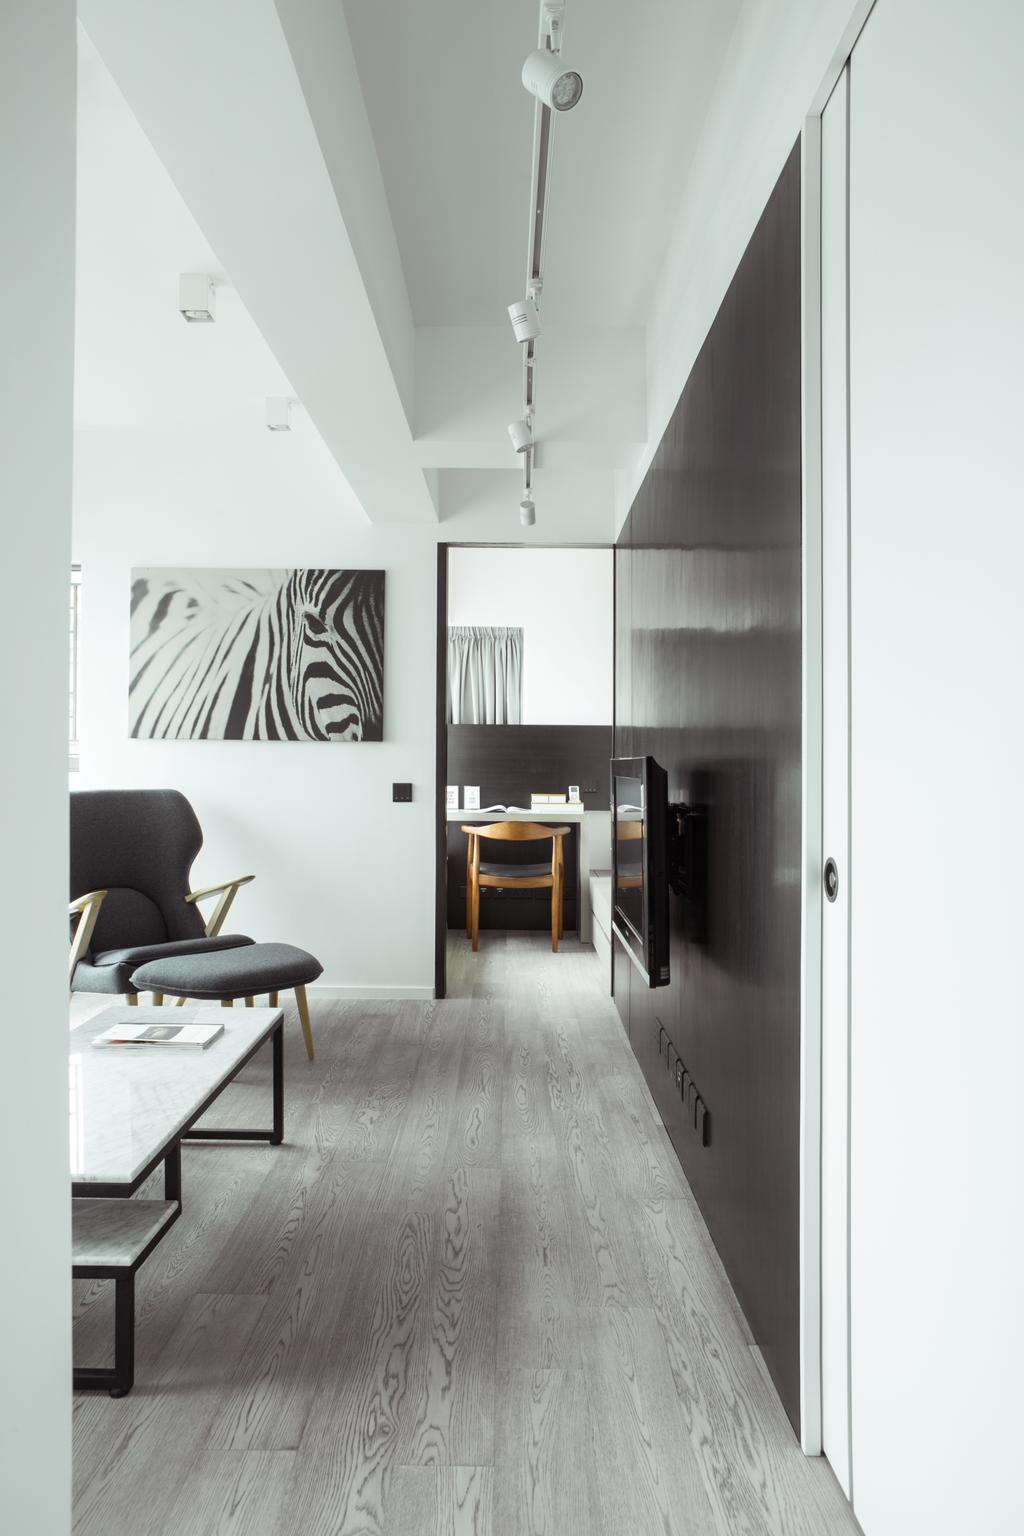 簡約, 私家樓, 客廳, 維港灣, 室內設計師, in Him's Interior Design, 北歐, Chair, Furniture